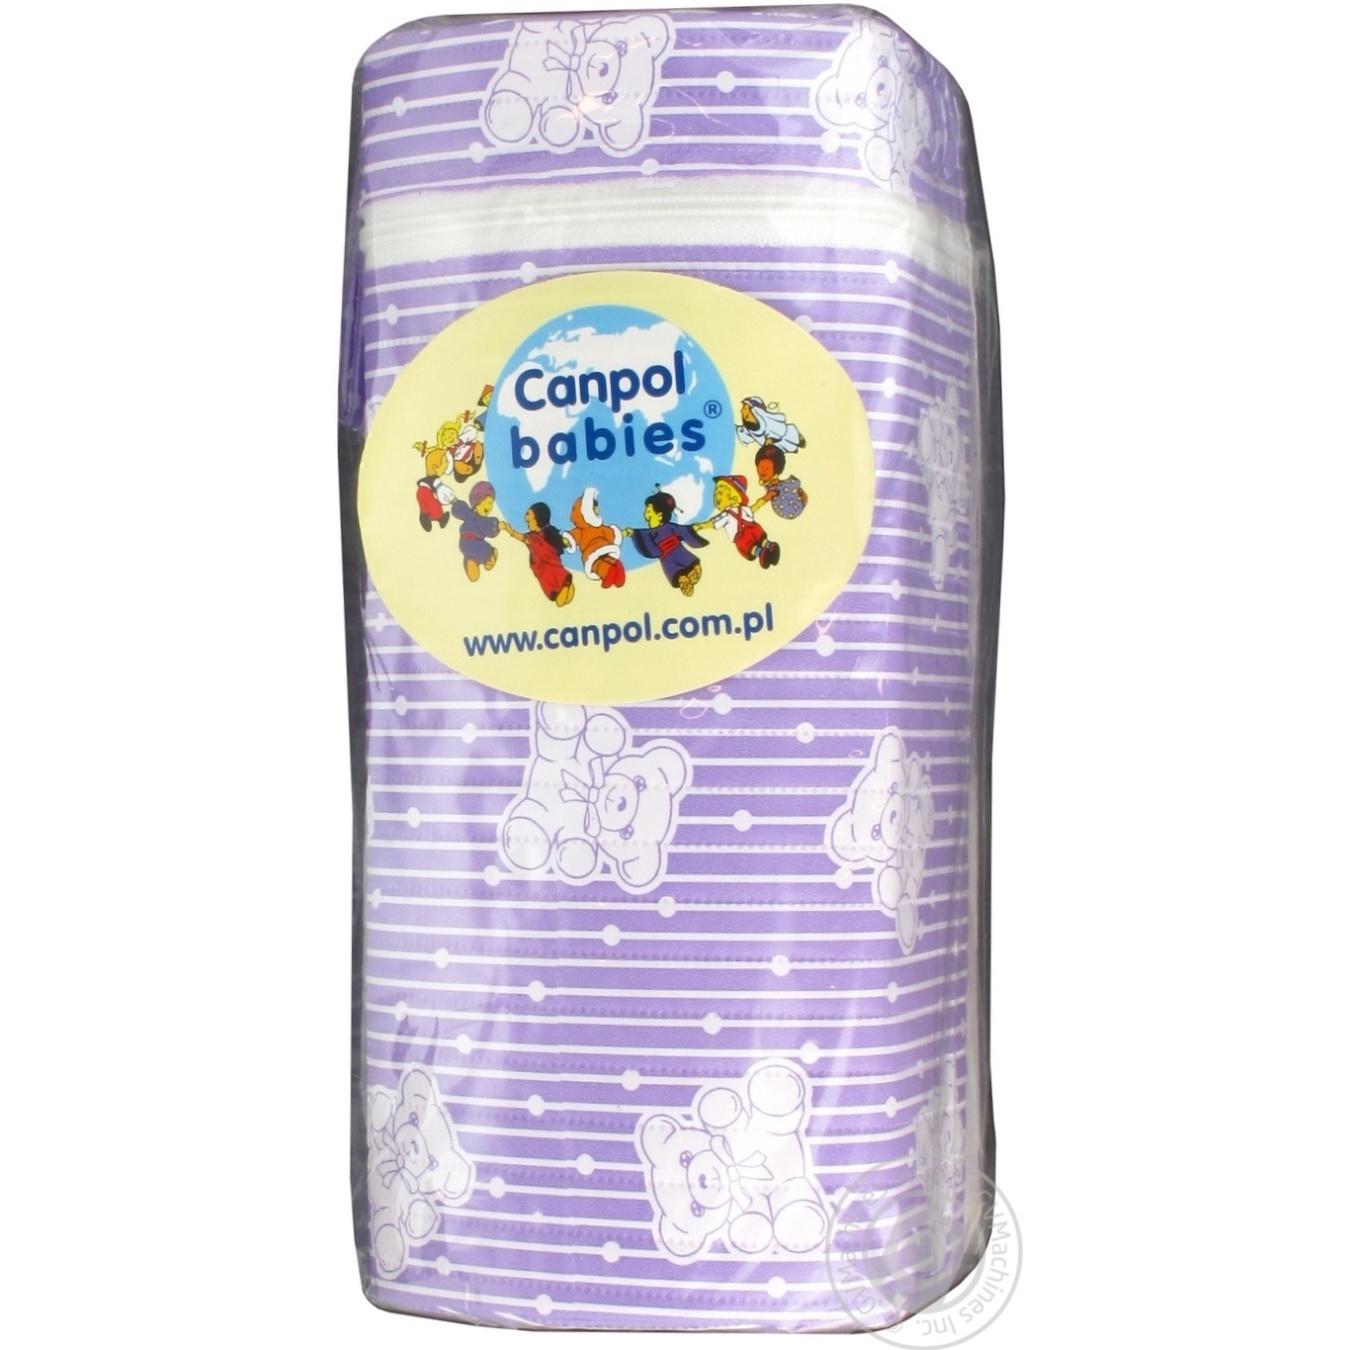 Термос Canpol babies 9/225 для детской бутылочки одинарный универсальный 1шт